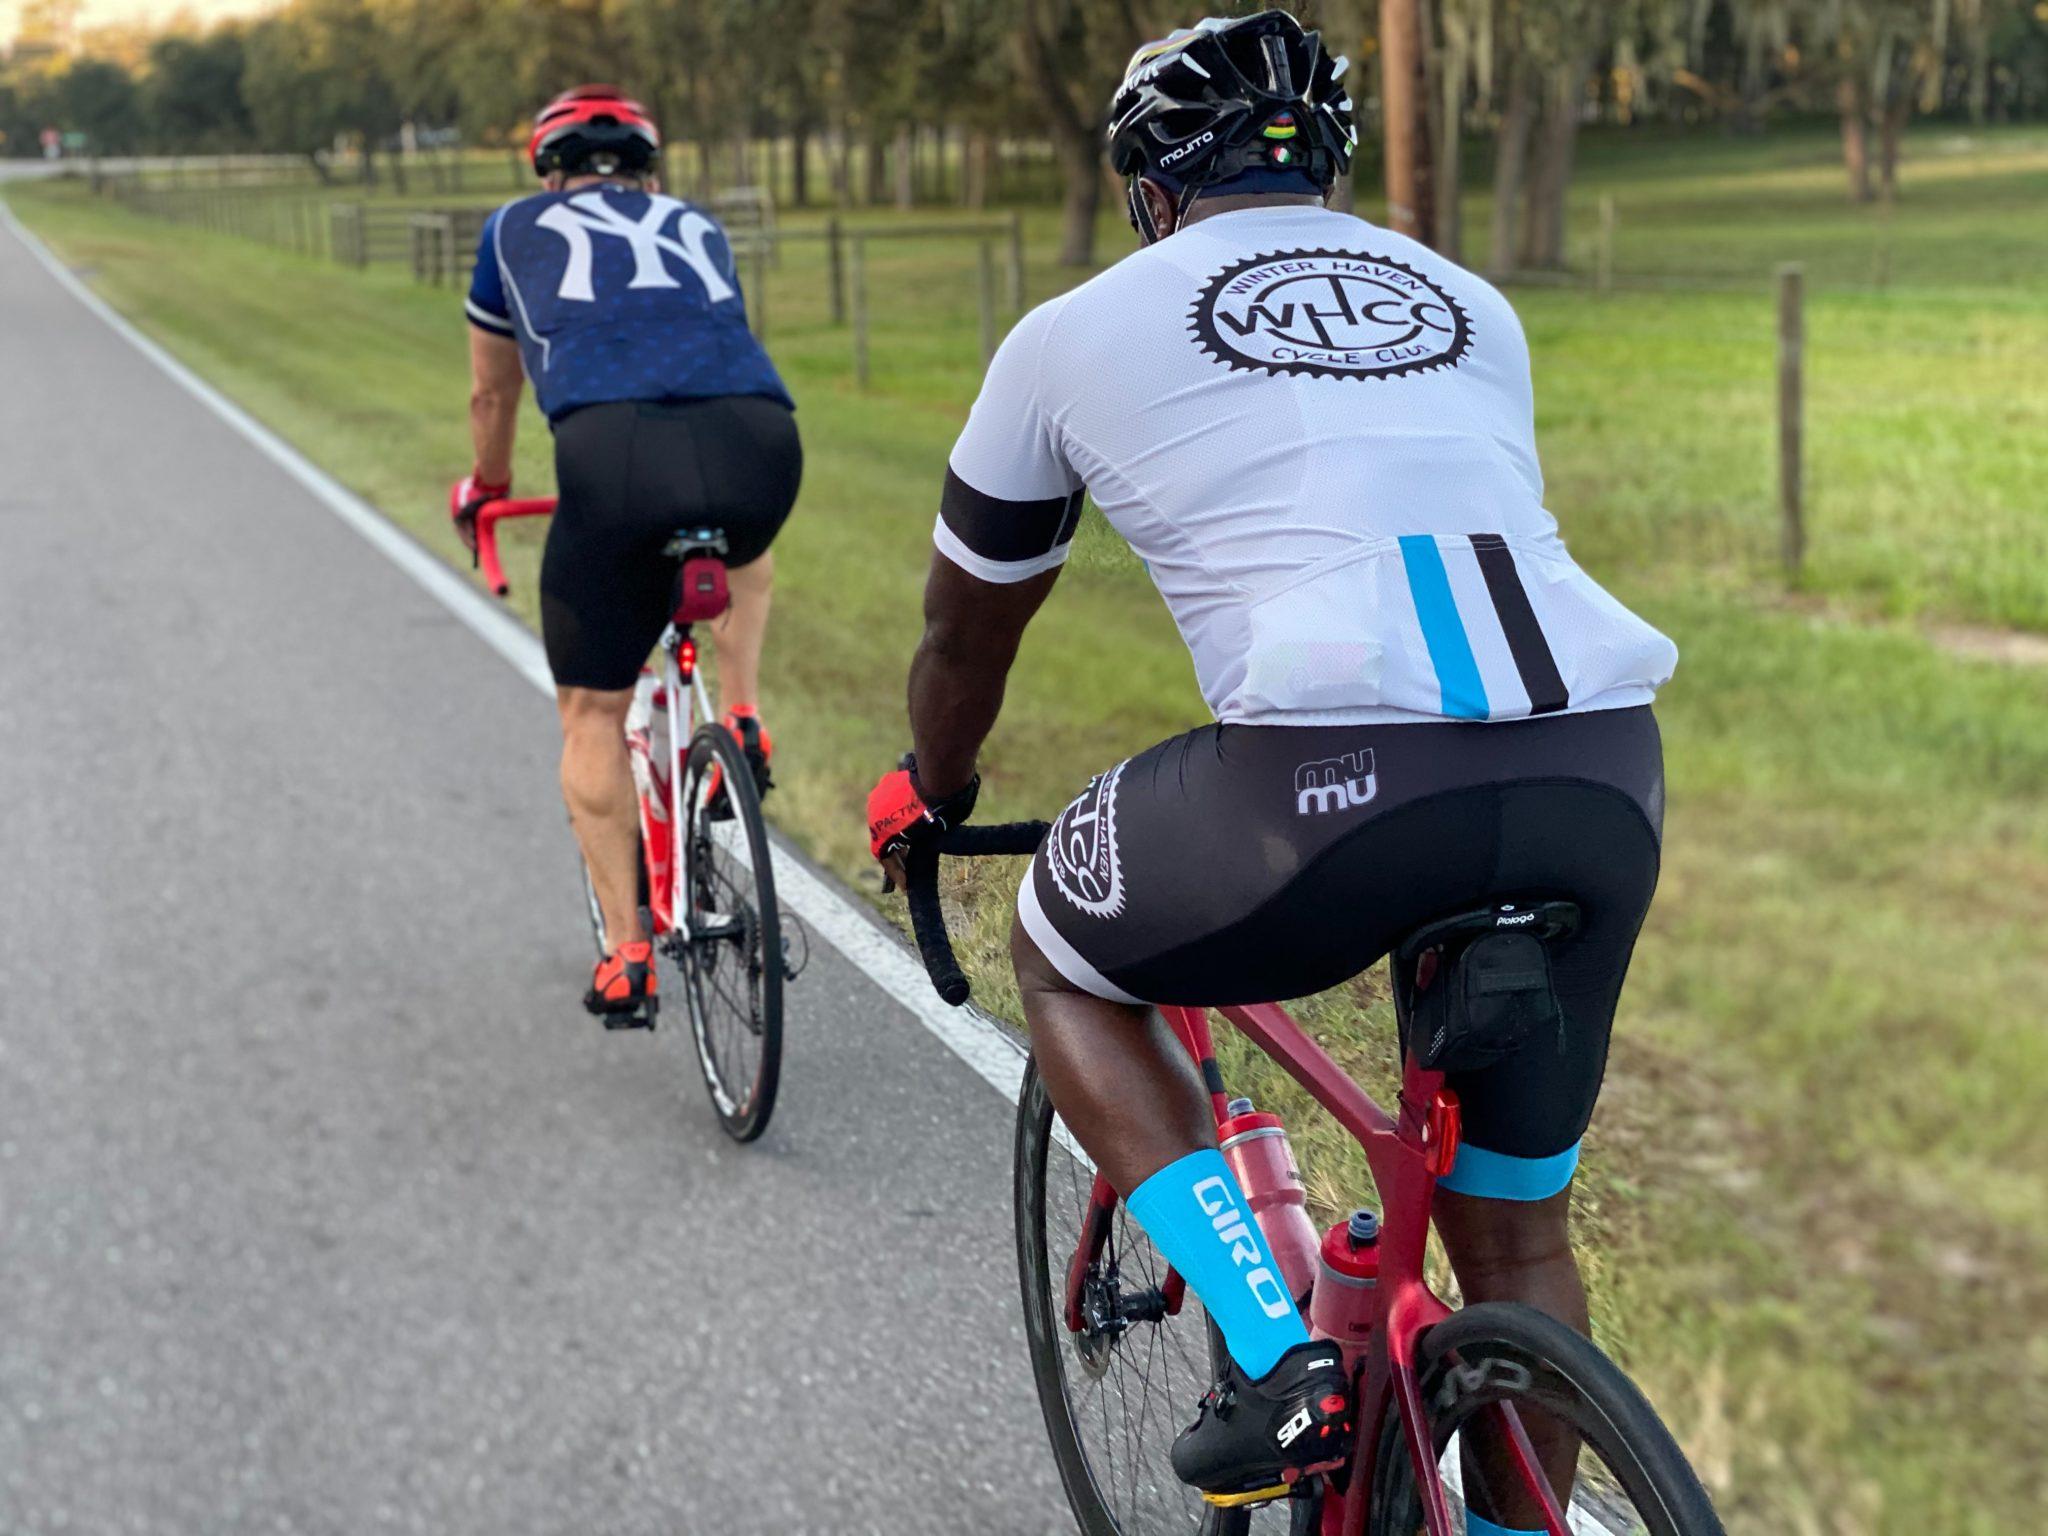 Deux cyclosportifs à l'entrainement